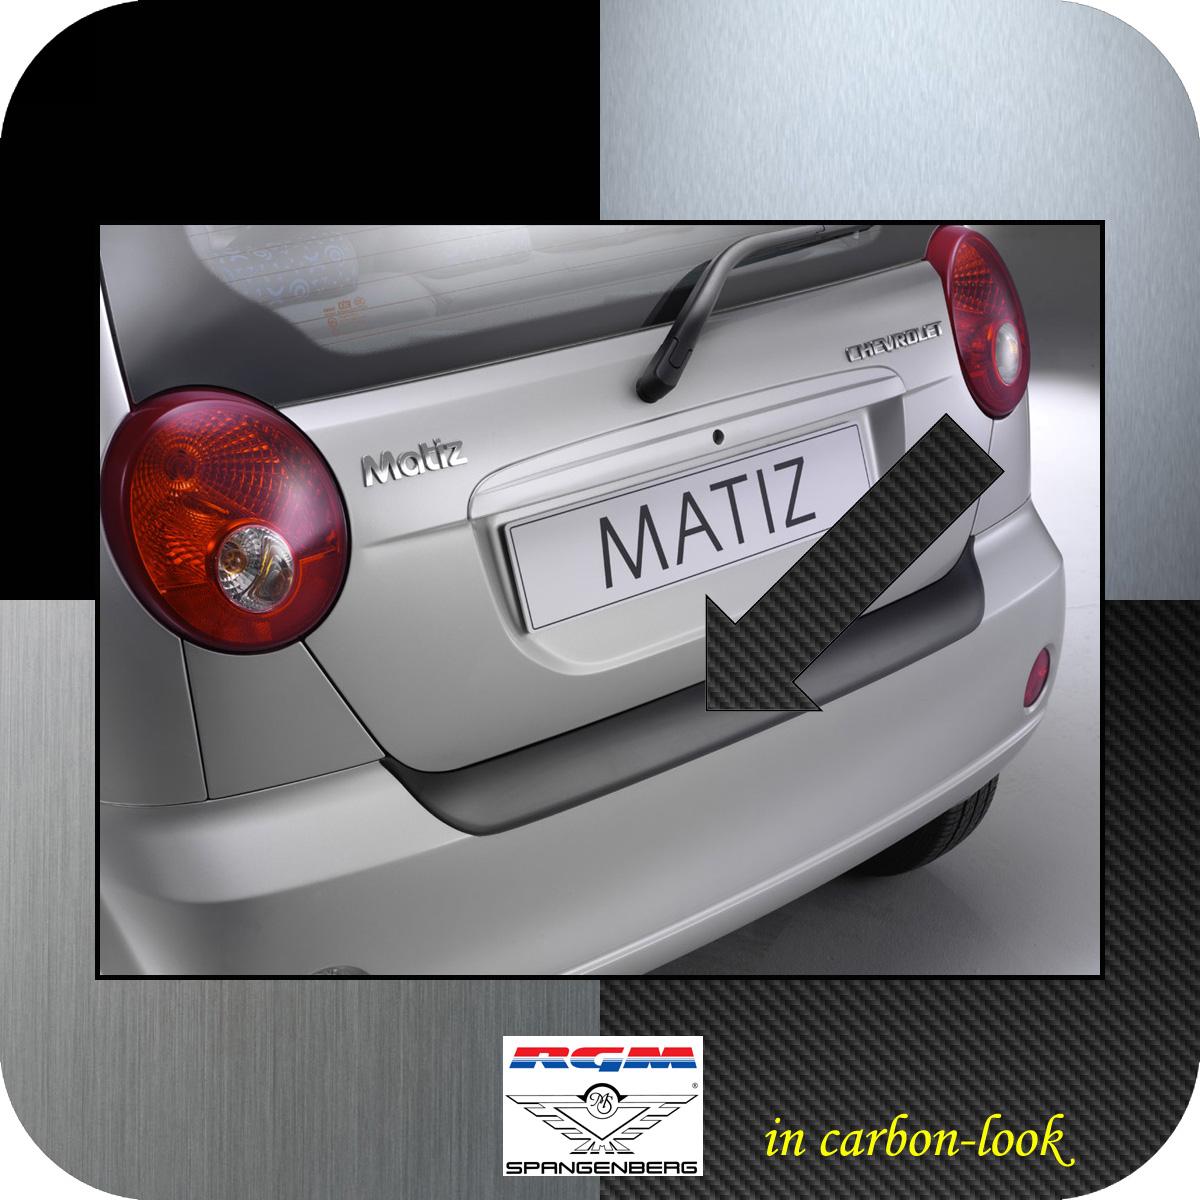 Ladekantenschutz Carbon-Look Chevrolet Matiz Spark Schrägheck bis 2010 3509326